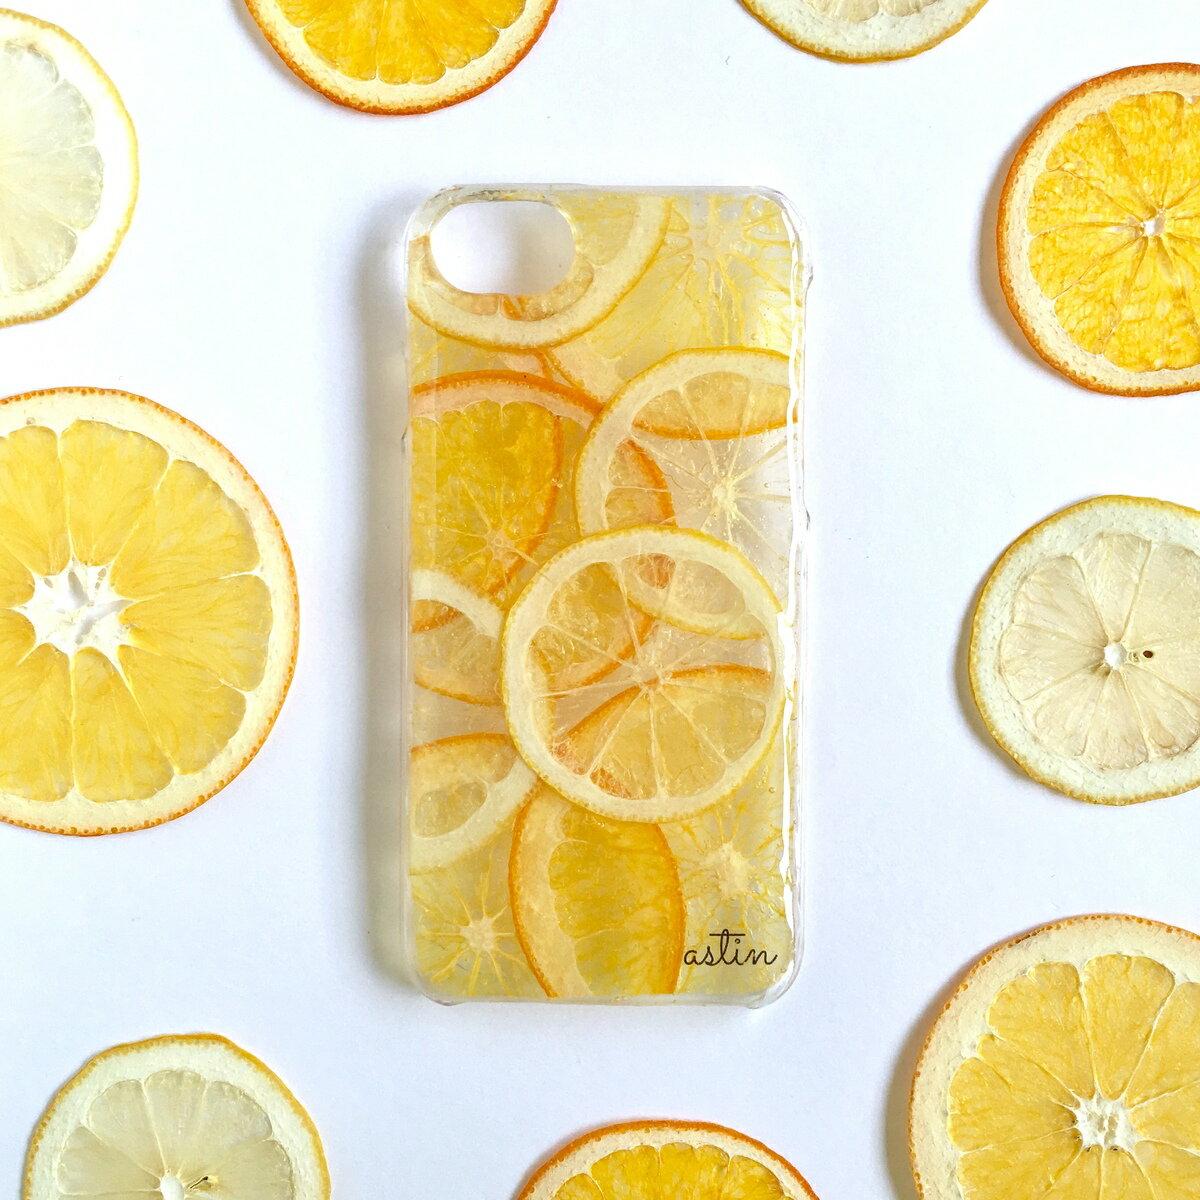 レモン&オレンジ 押し花 押しフルーツ レモン オレンジ フルーツ 果物 さわやか スマホケース 全機種対応 iphoneXR iphoneXS Max iphoneXS iphoneX iphone8 Xperia Huawei Galaxy スマホケース 秋